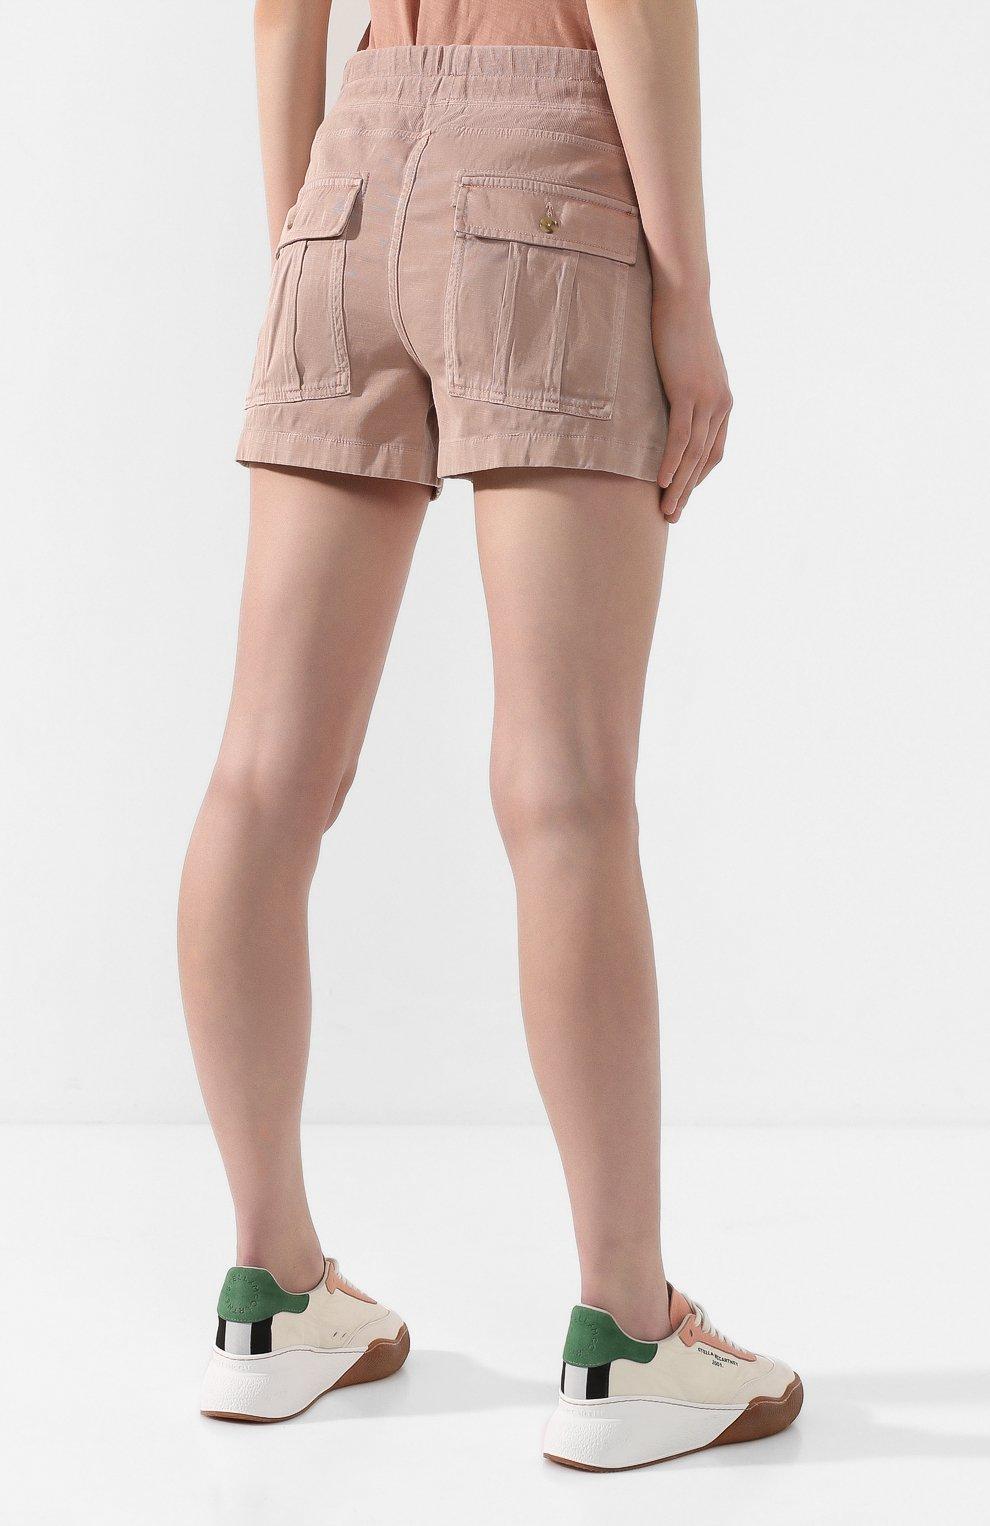 Женские хлопковые шорты JAMES PERSE розового цвета, арт. WACS4271 | Фото 4 (Женское Кросс-КТ: Шорты-одежда; Длина Ж (юбки, платья, шорты): Мини; Материал внешний: Хлопок; Стили: Спорт-шик)